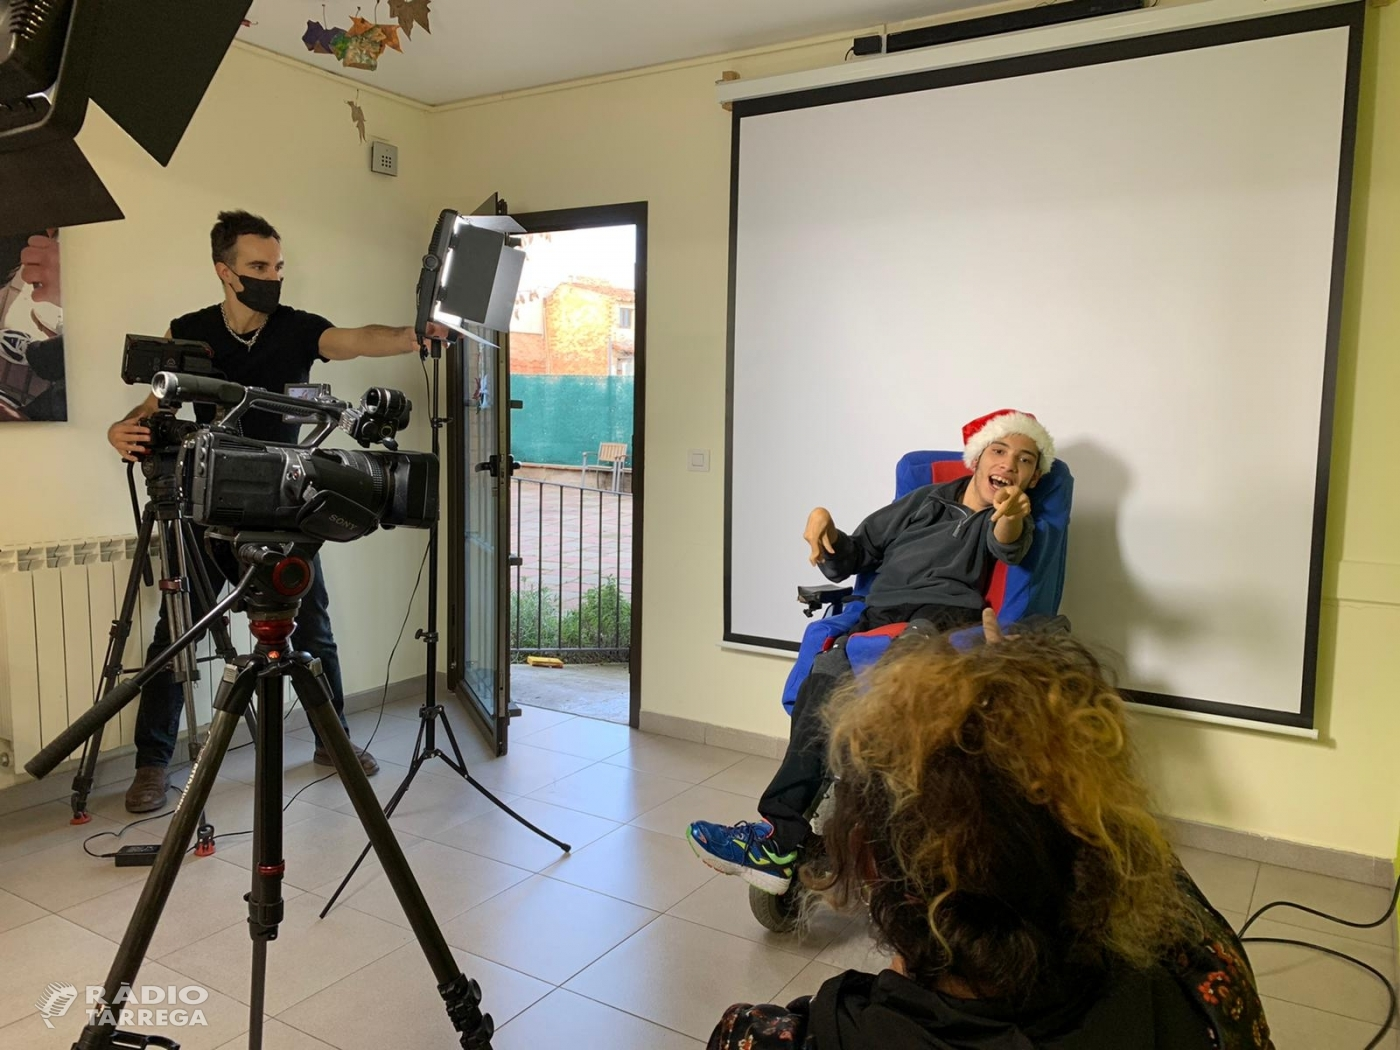 El Grup Alba felicitarà les festes de Nadal amb una cançó amb llengua de signes gravada pel cineasta Xavier Marrades